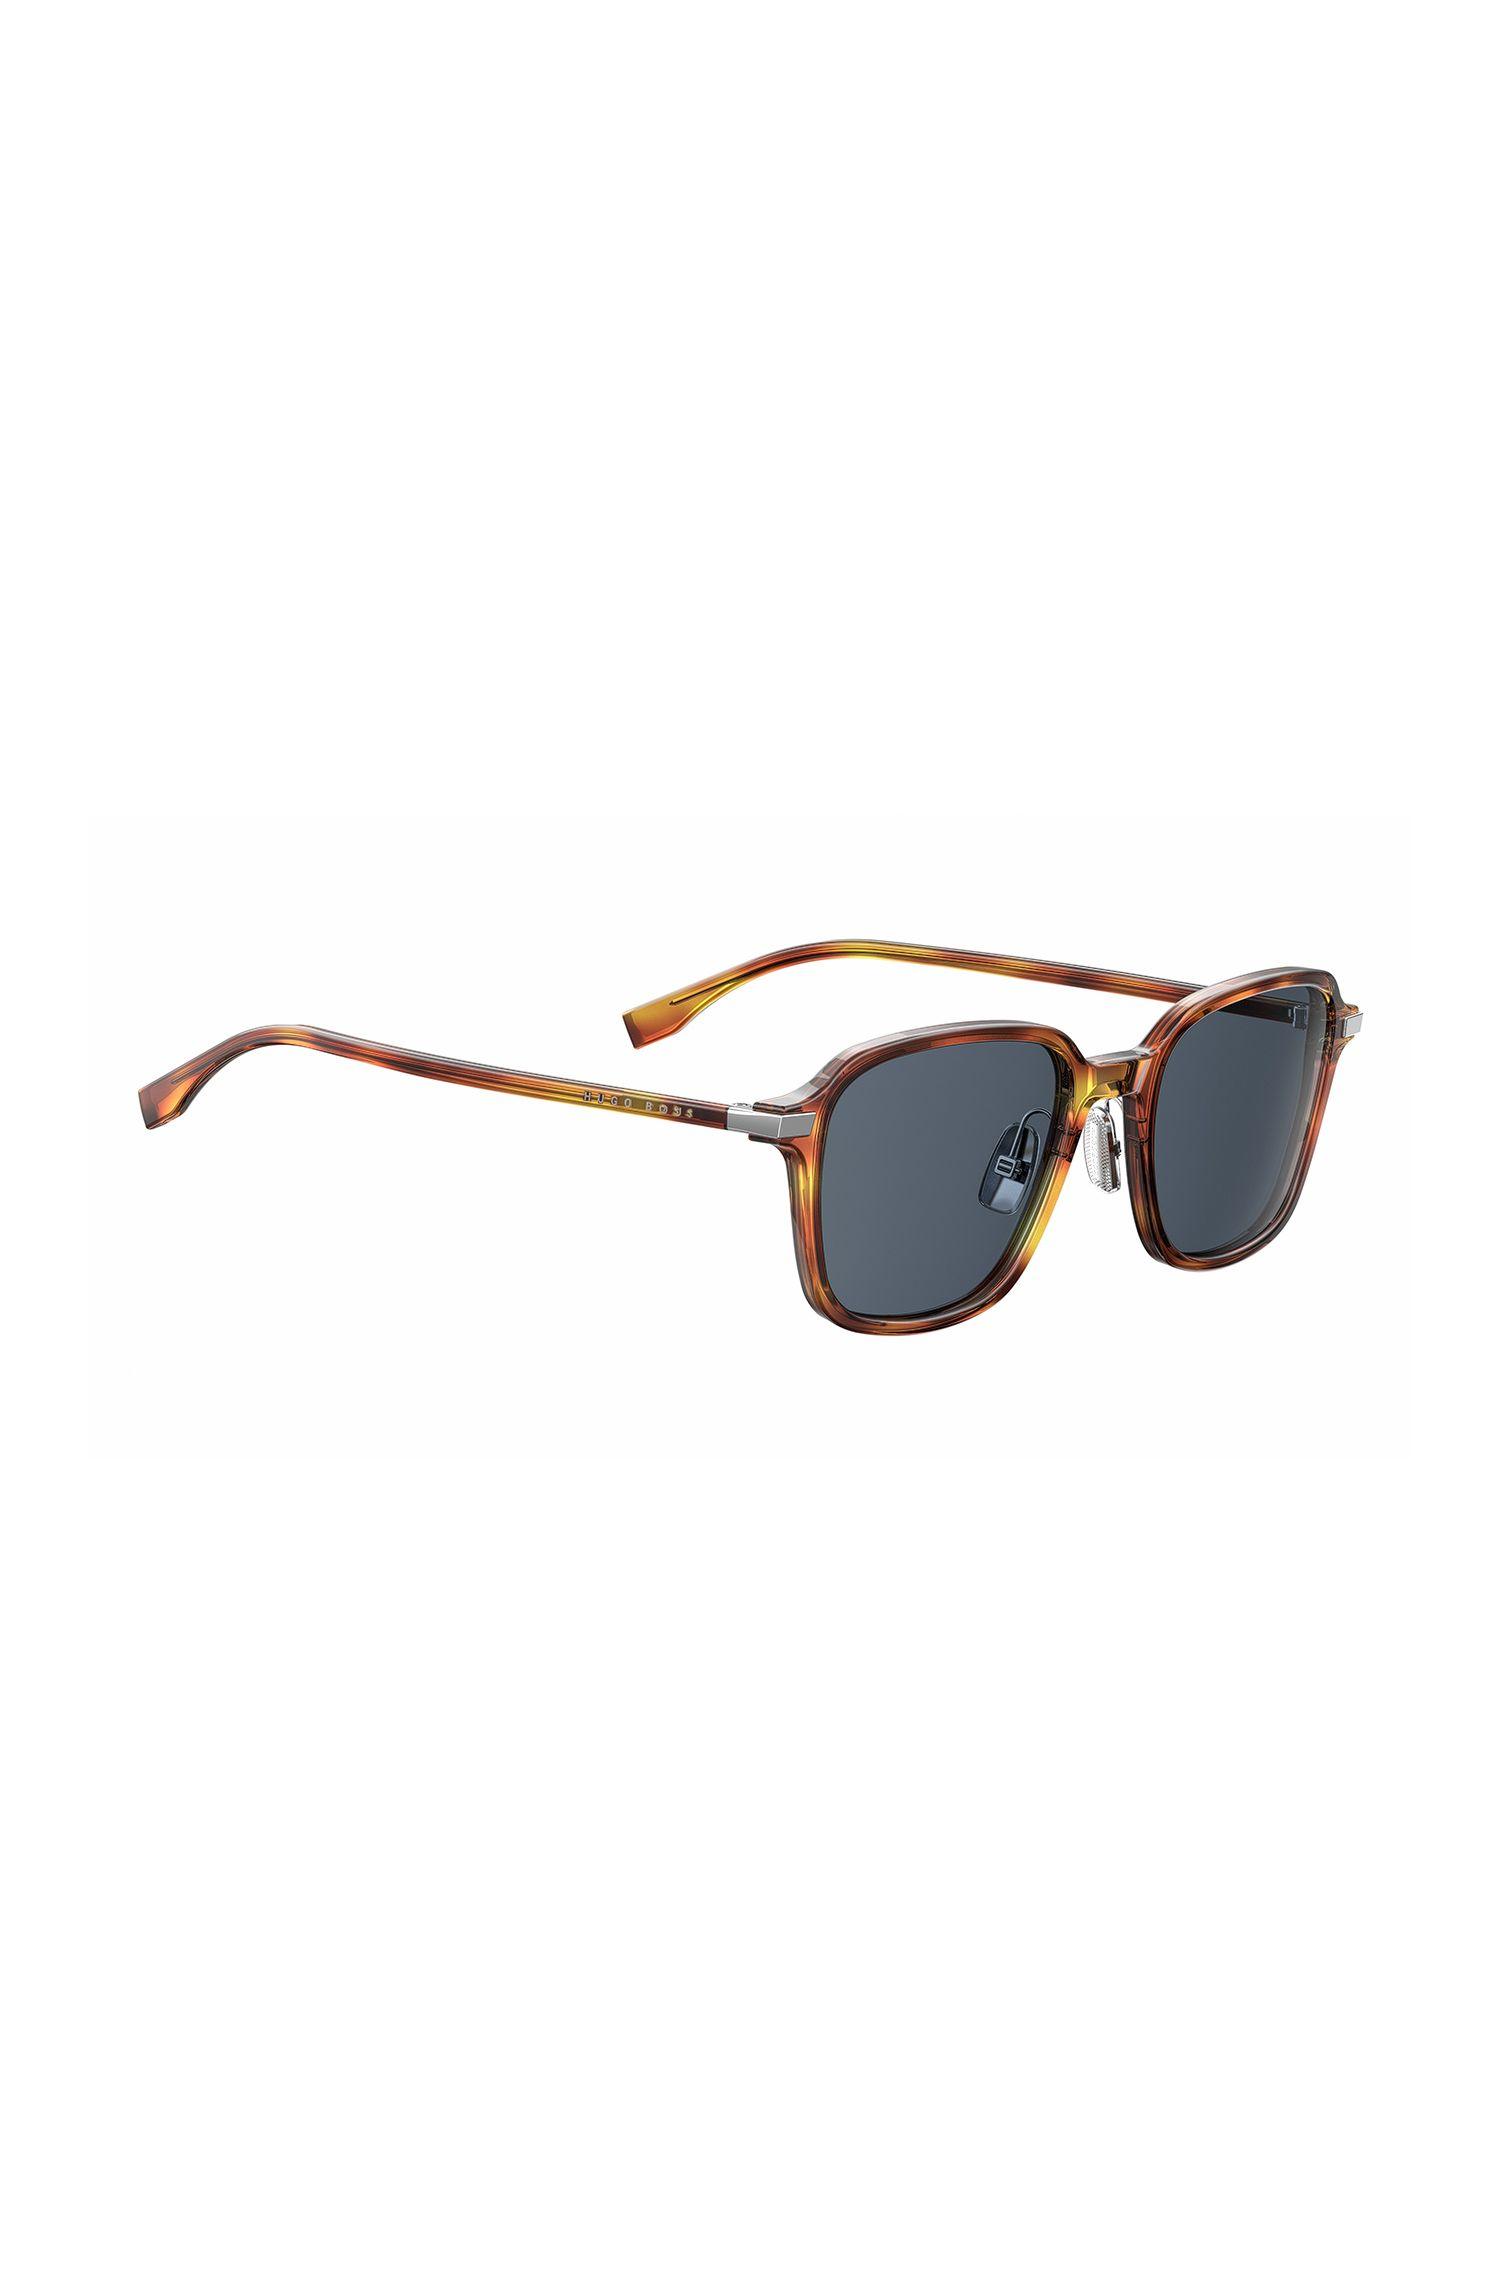 'BOSS 0909S' | Black Lens Havana Square Sunglasses